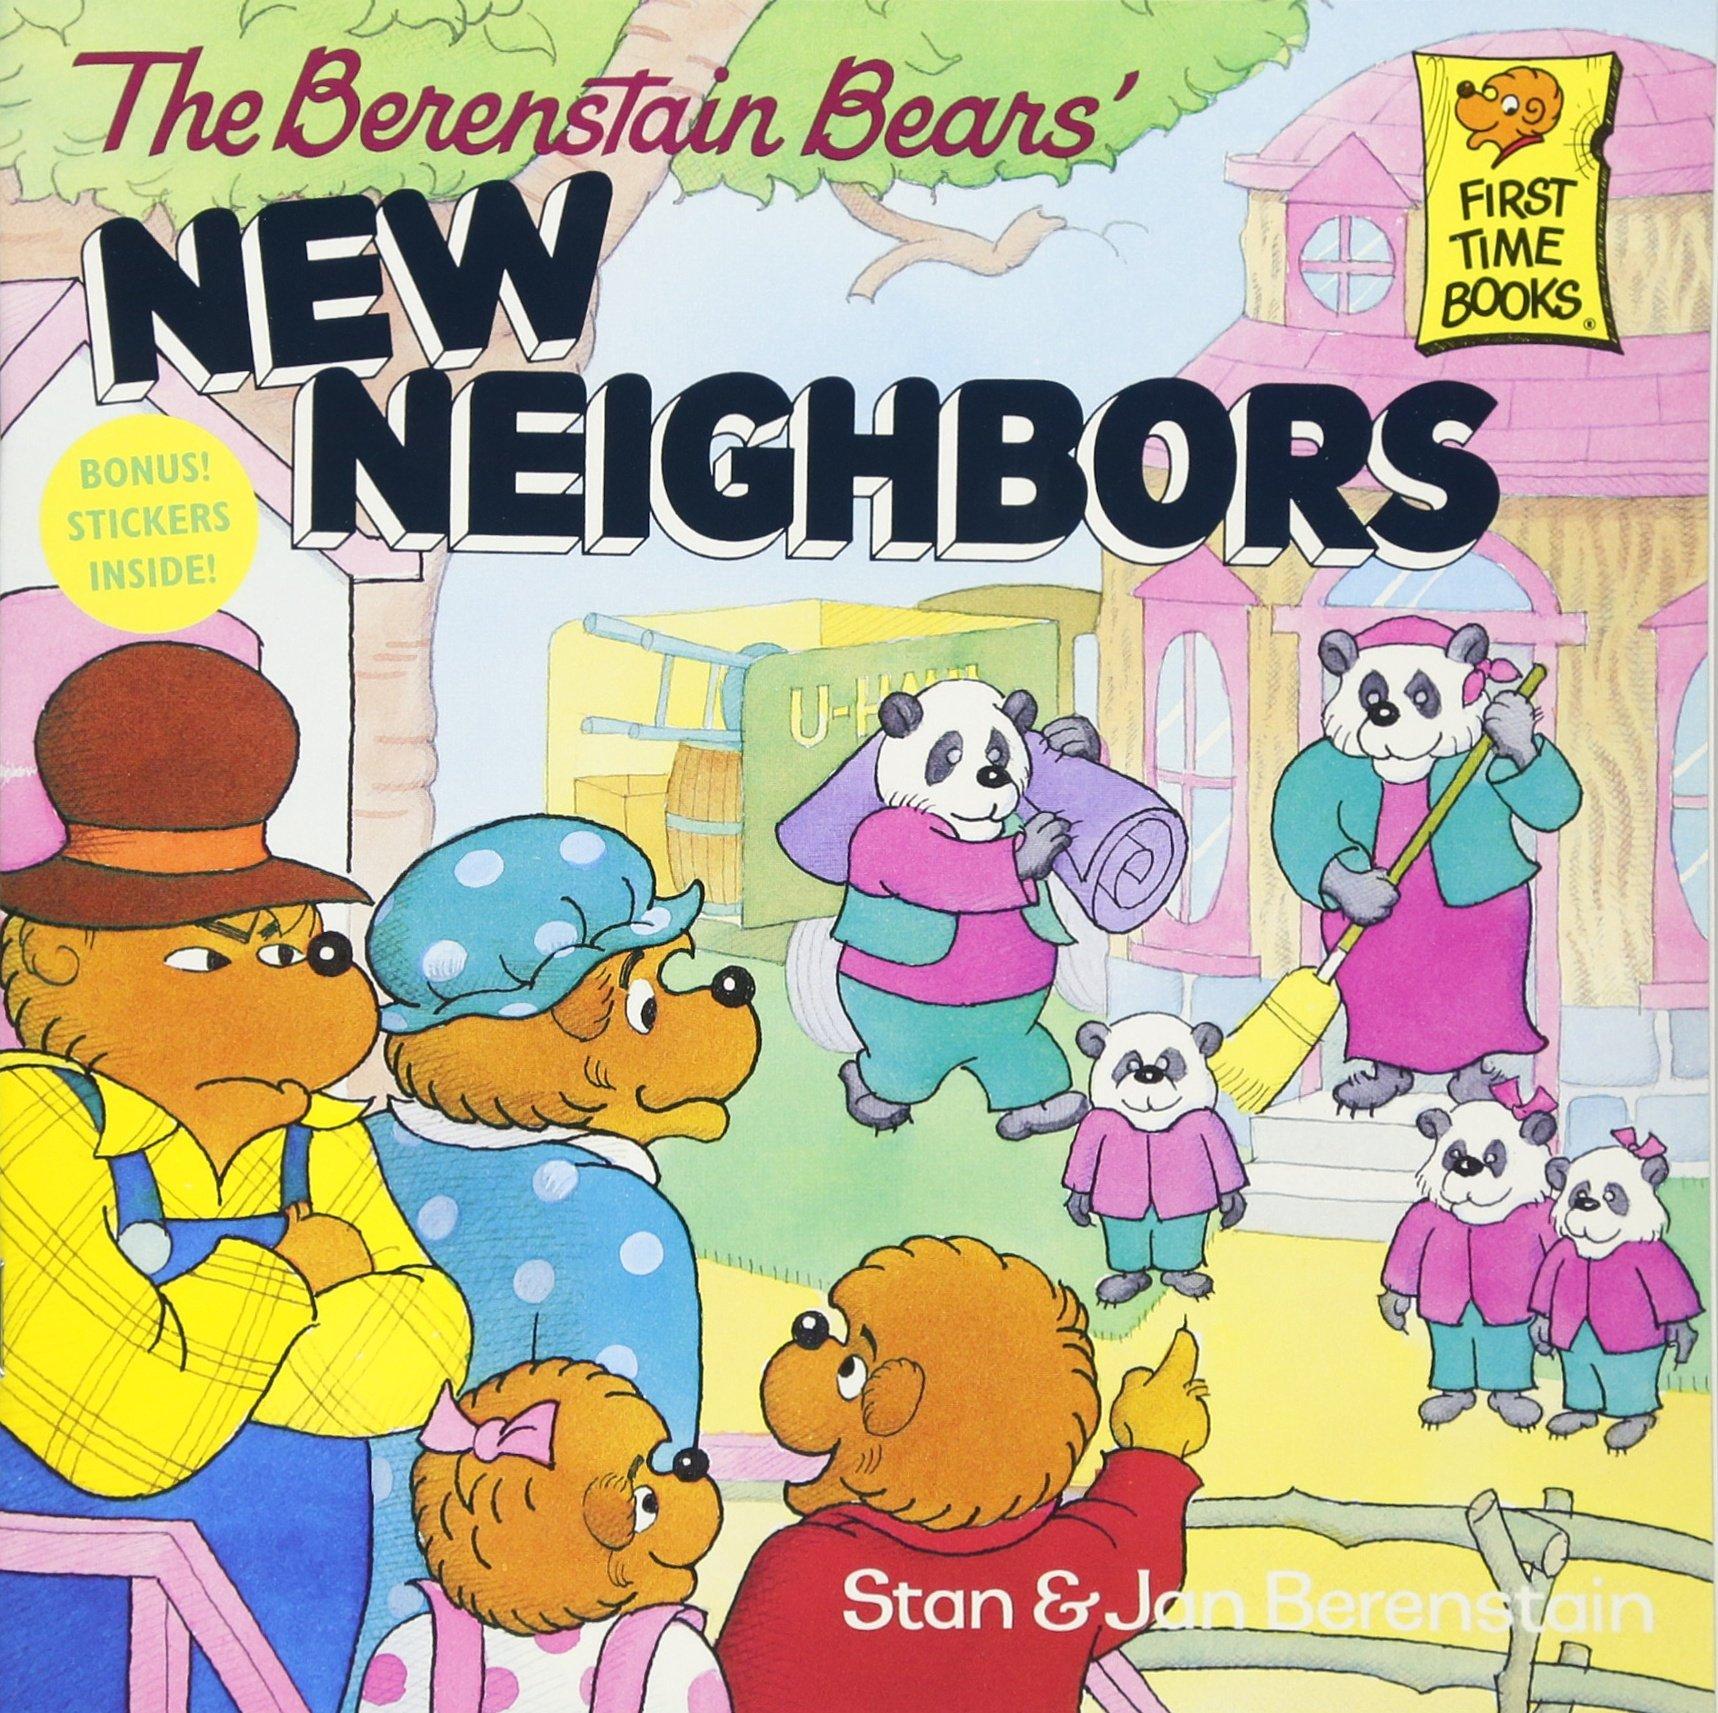 The berenstain bears new neighbors stan berenstain jan berenstain 8601422603163 amazon com books